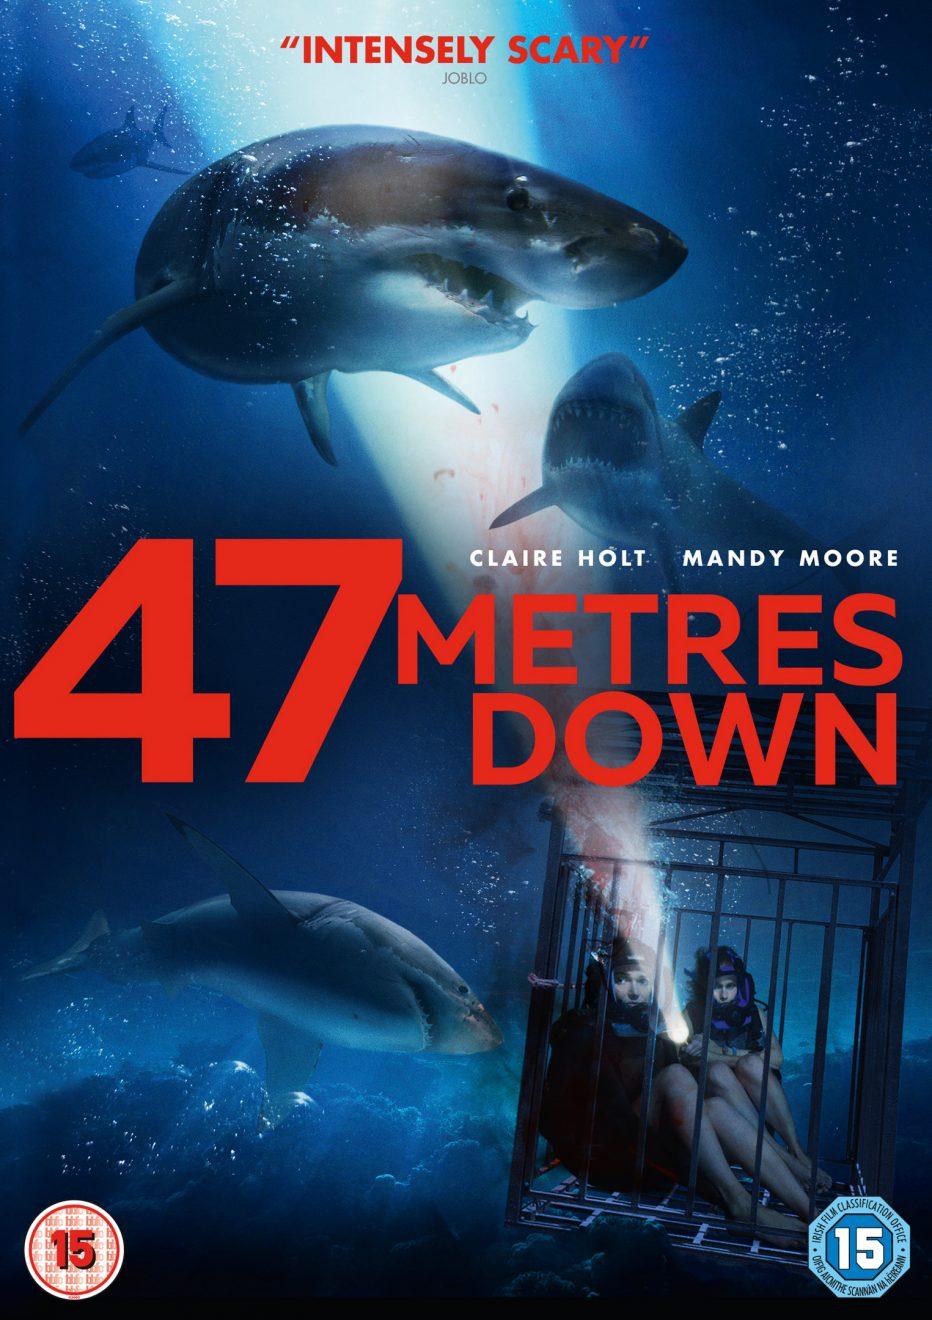 47 Meters Down (2017) Retail Release